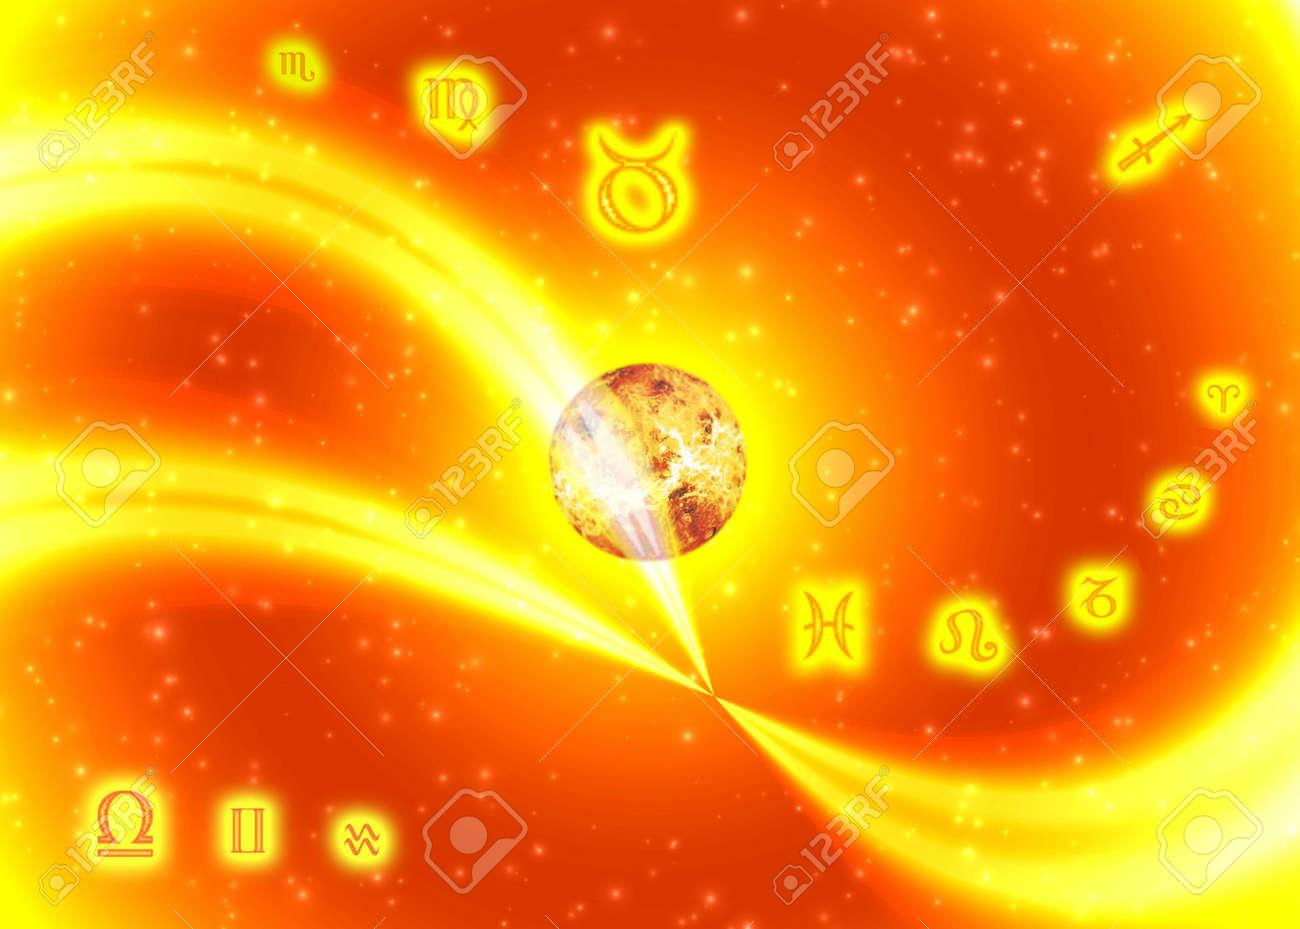 Sunny symbols zodiac Stock Photo - 391949